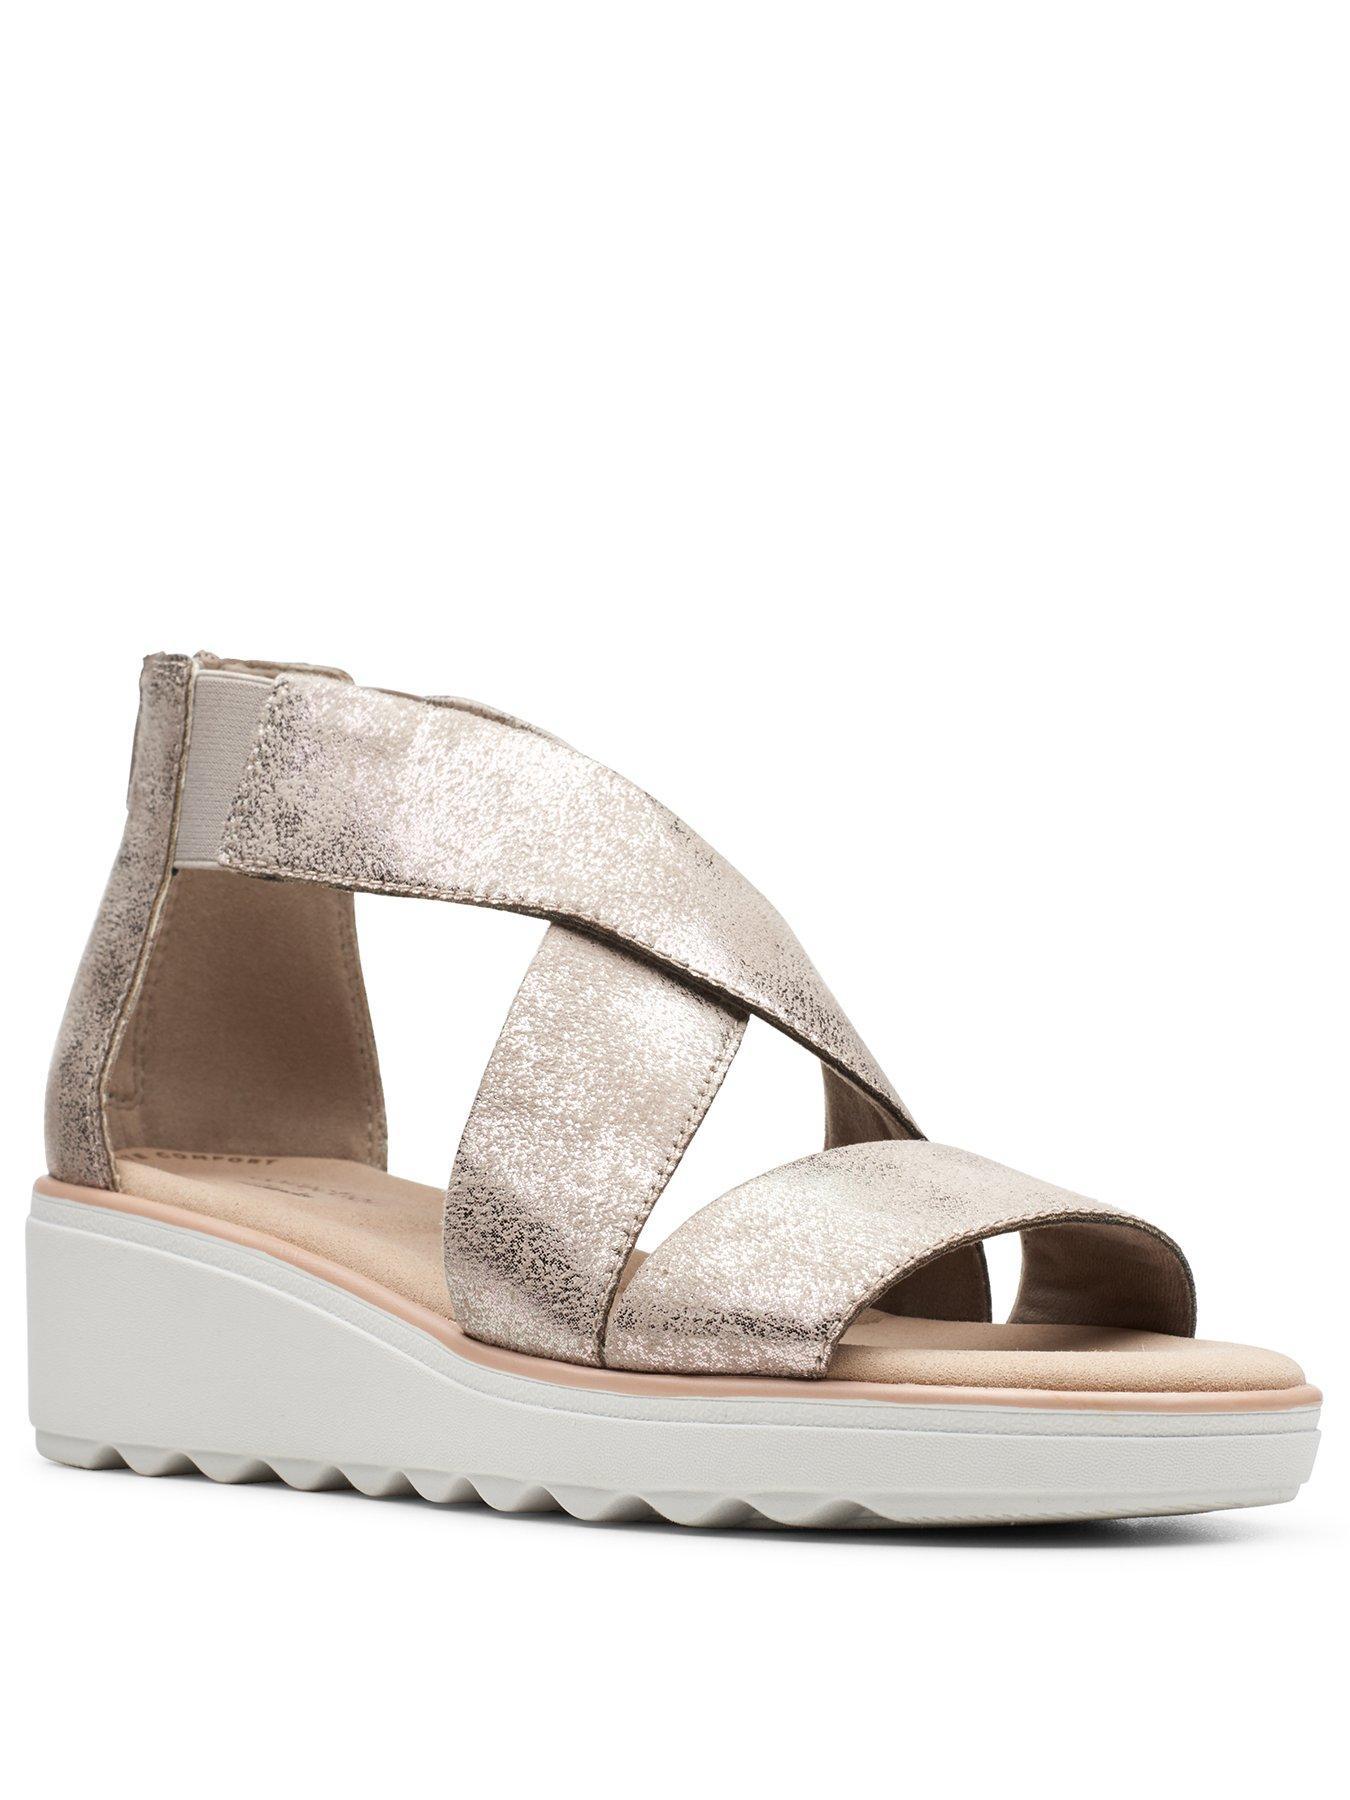 Clarks Sandals \u0026 Flip Flops